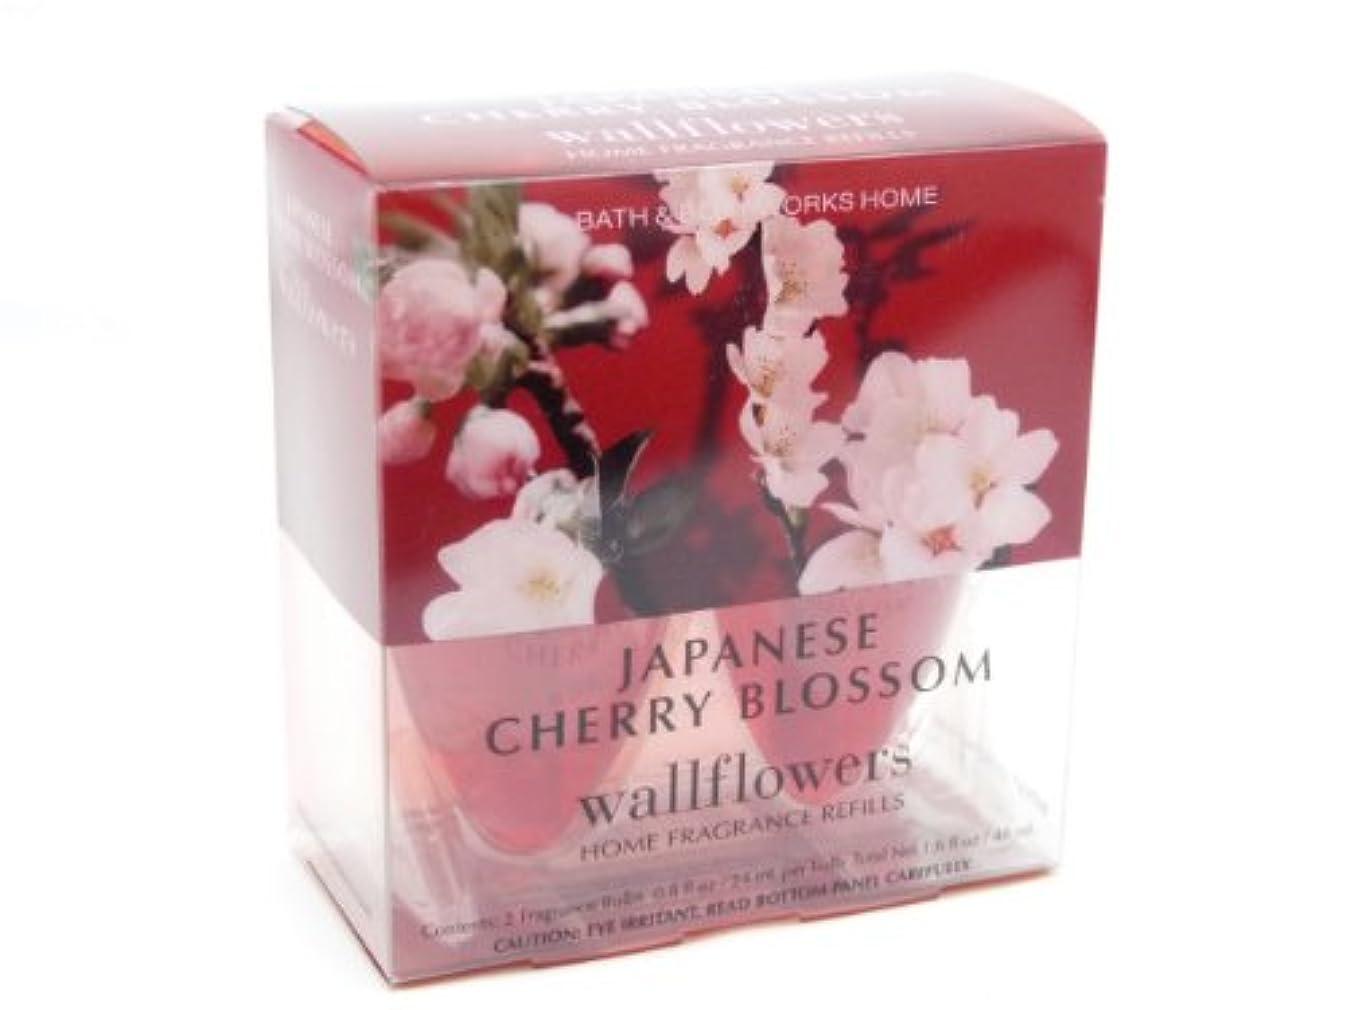 スポーツマン火薬自転車[Bath&Body Works] [バス&ボディワークス] New ジャパニーズ チェリーブラッサム リフィル ルームフレグランス 2本入り Wall Flowers Japanese Cherry Blossom Refill